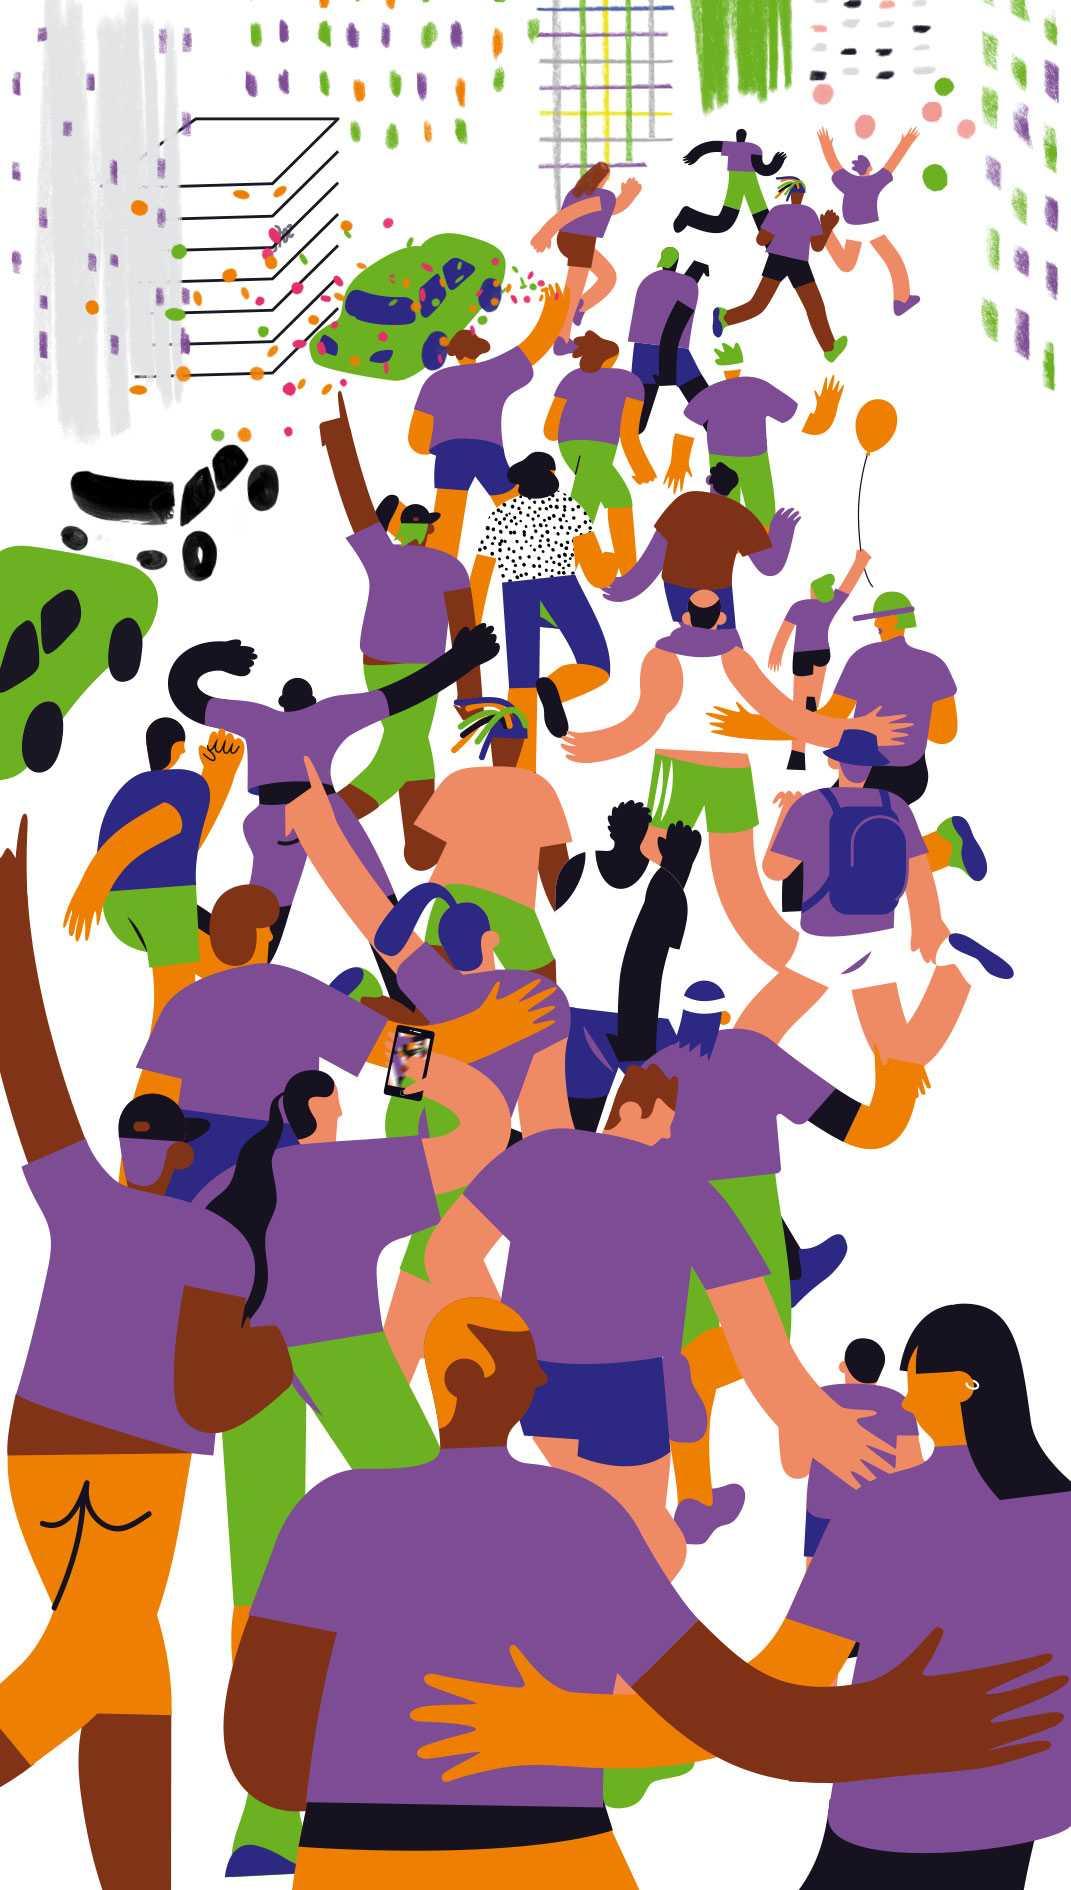 Les-Échos_press_-solidarity-marathons2